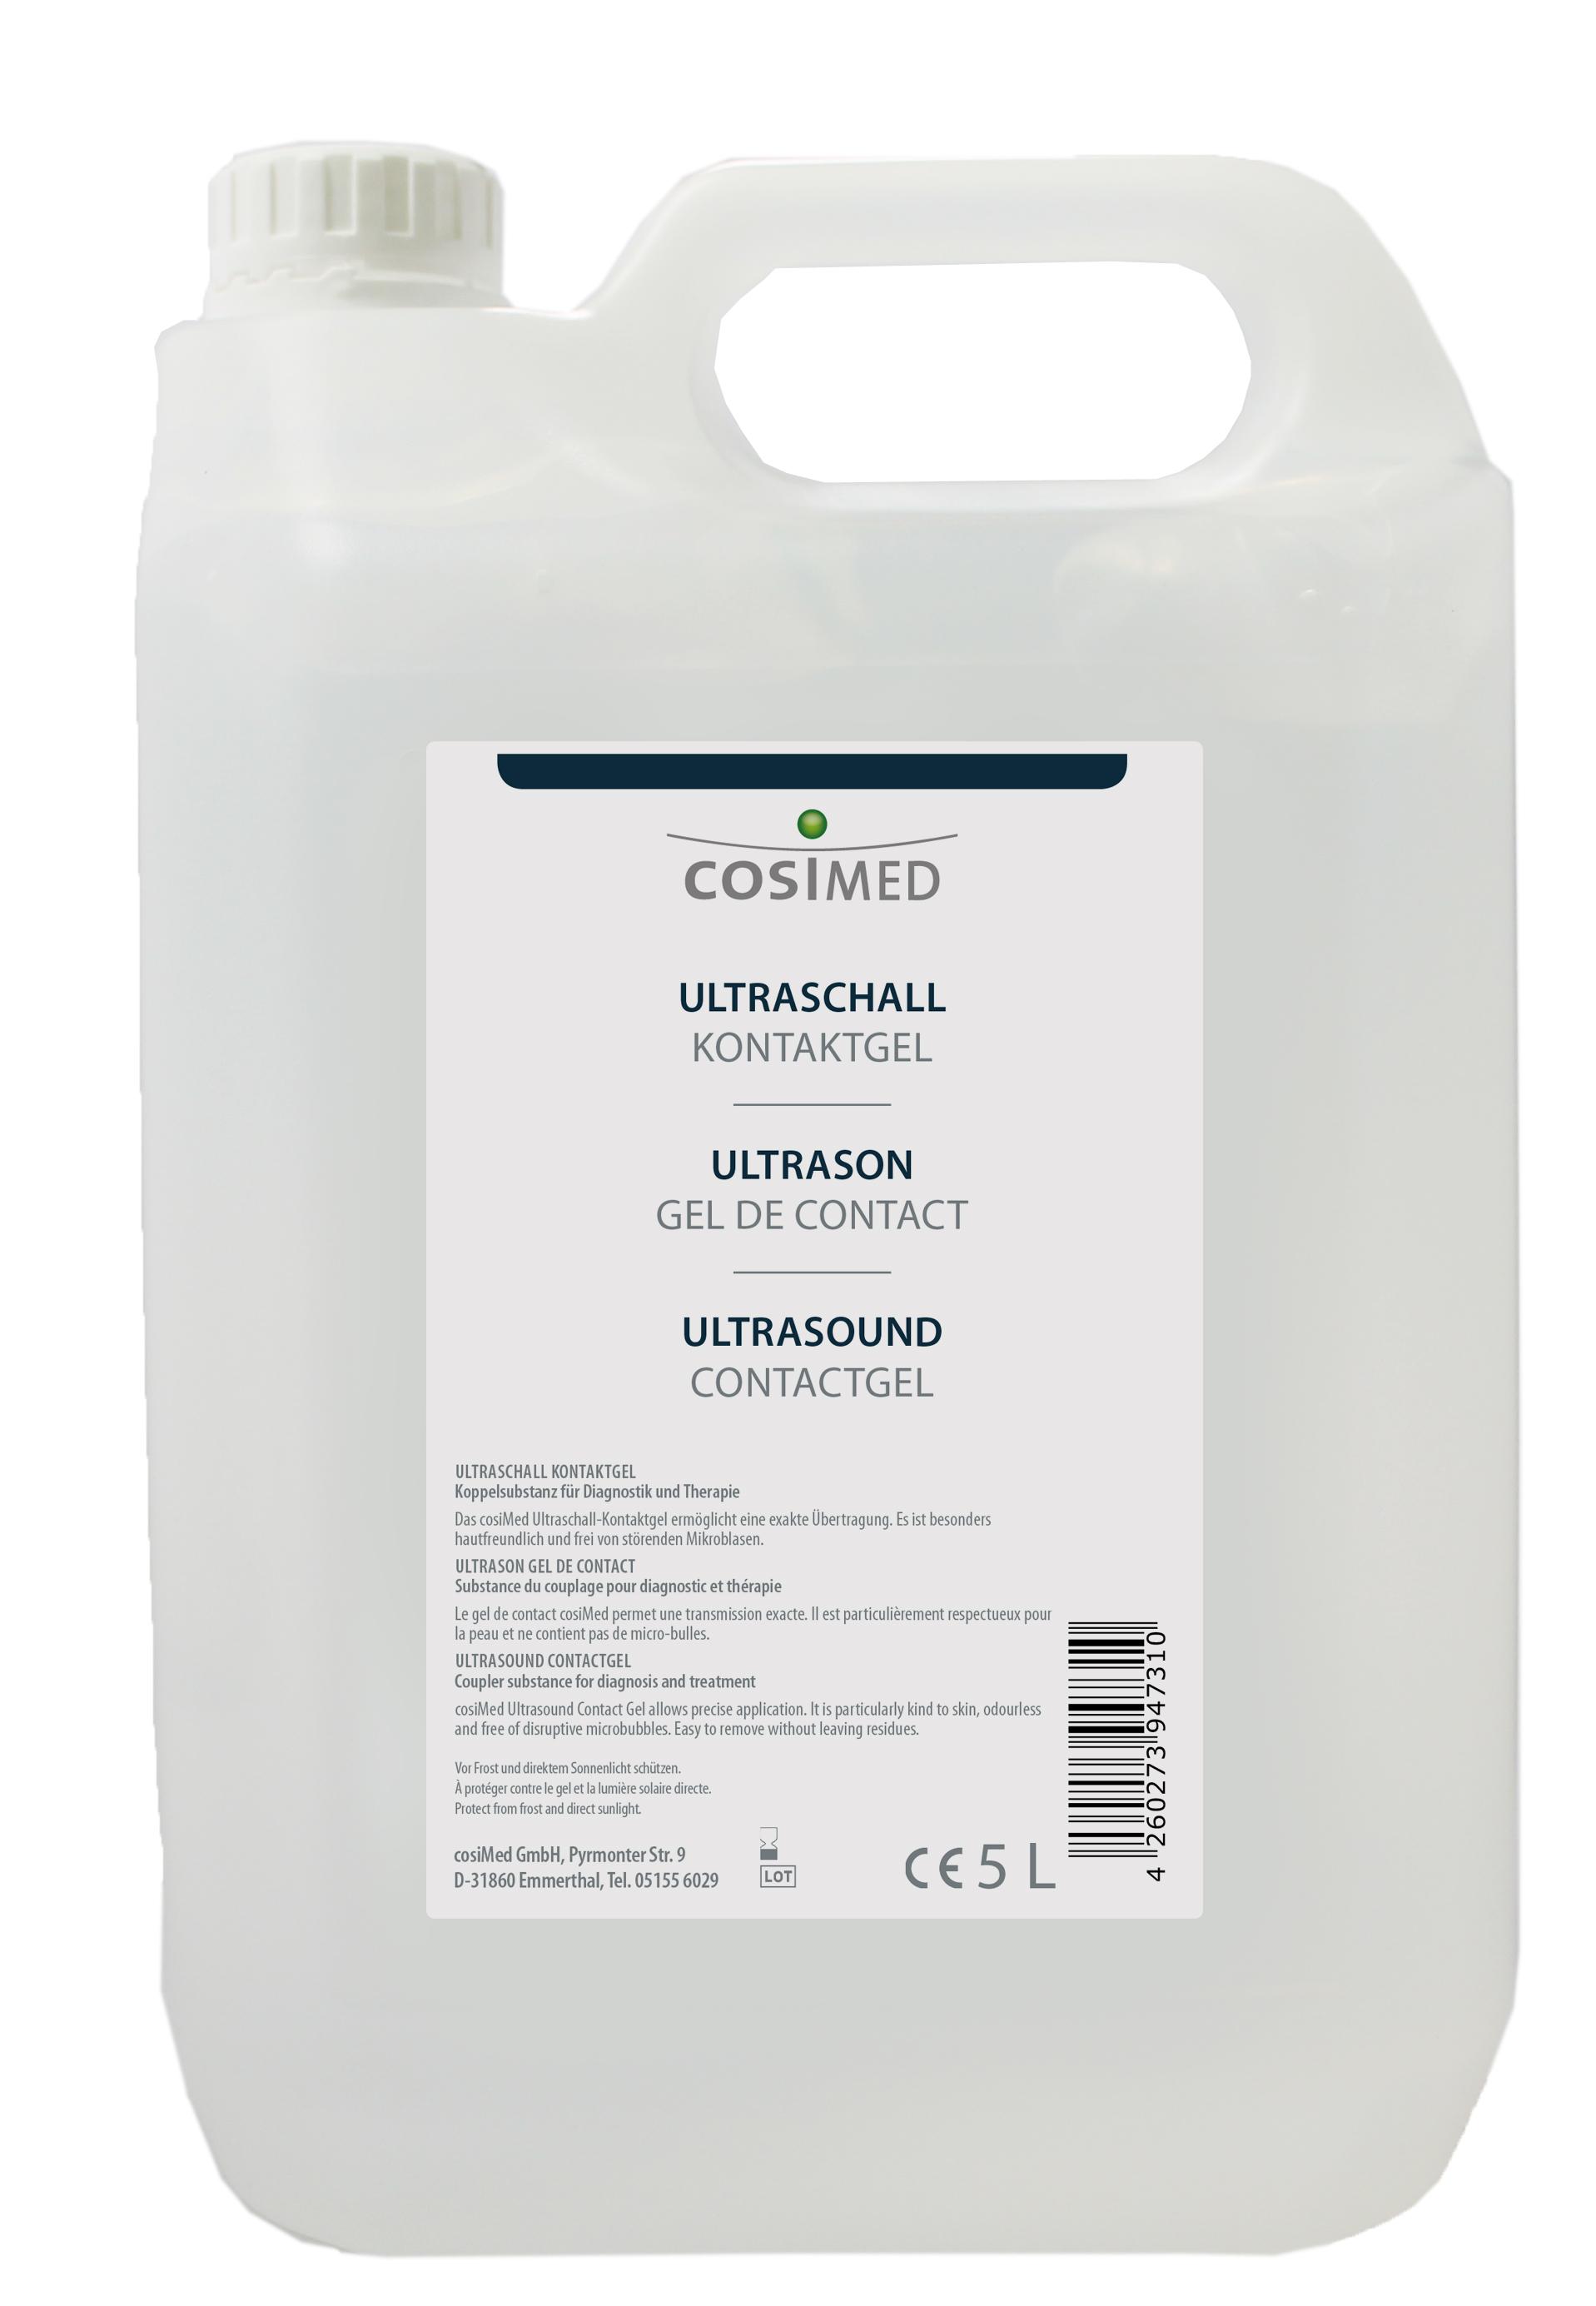 cosiMed Ultraschall Kontaktgel 5 Liter Kanister